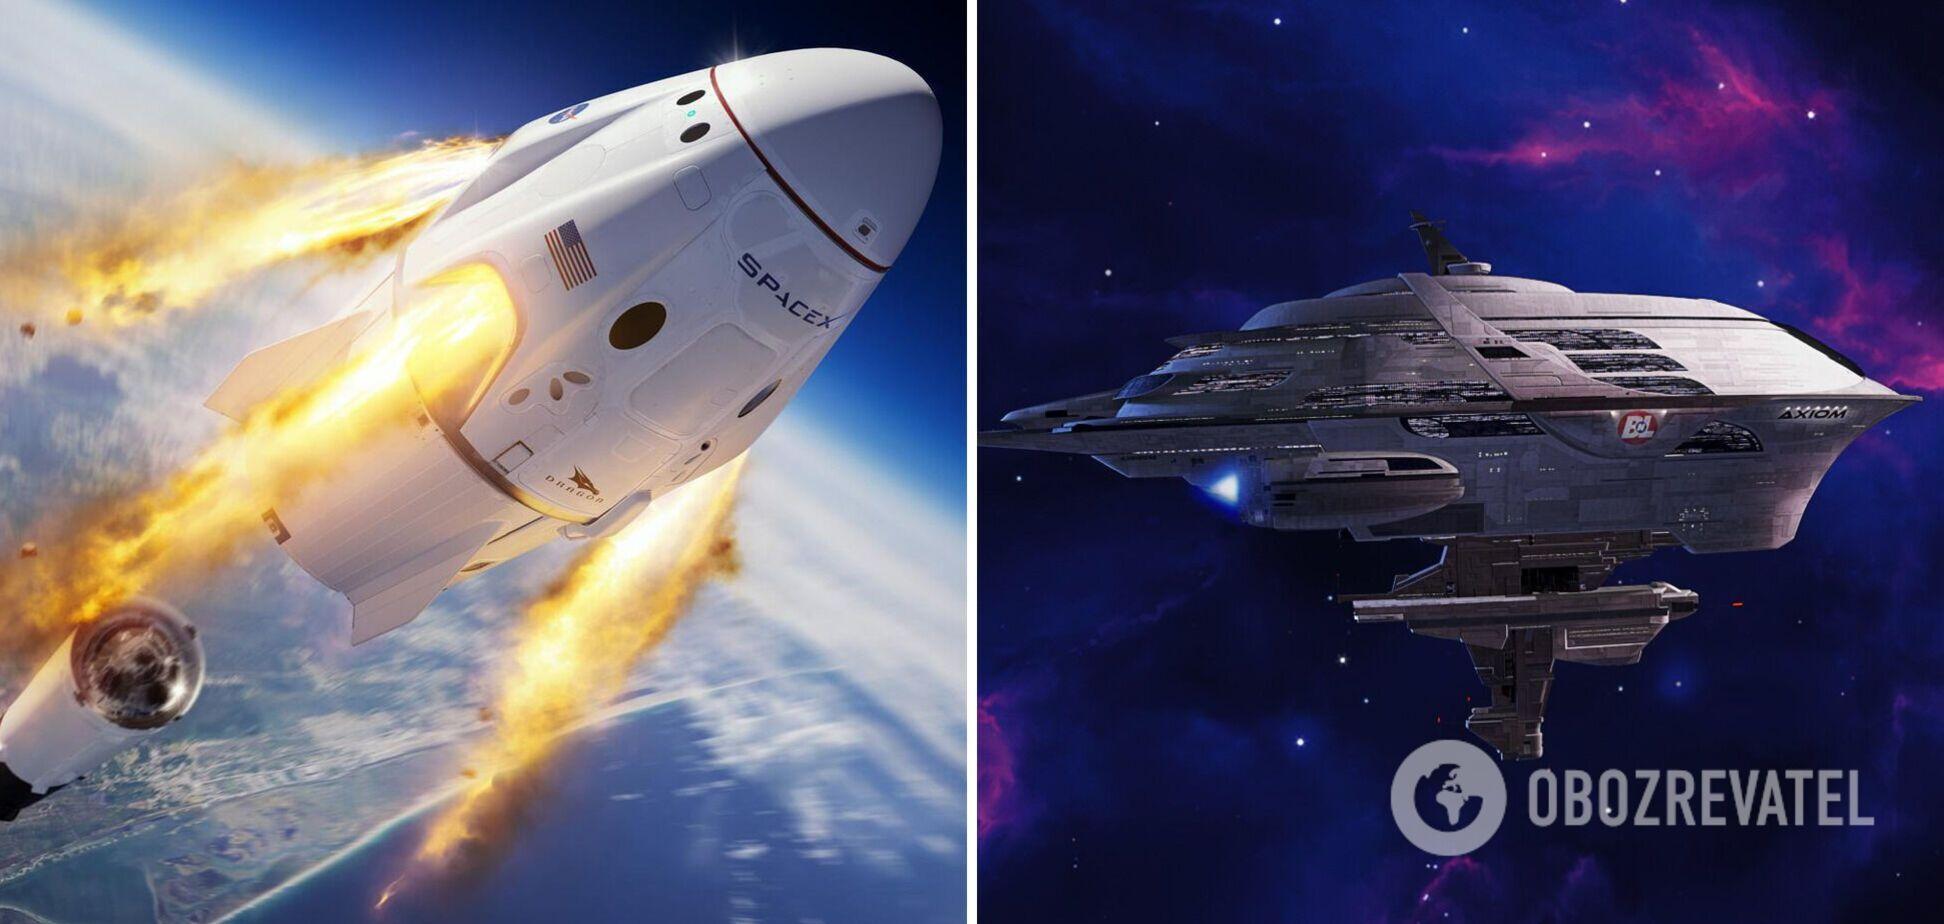 'Путешественник' из 2714 года предупредил о посадке космического корабля на Землю и начале войны. Видео